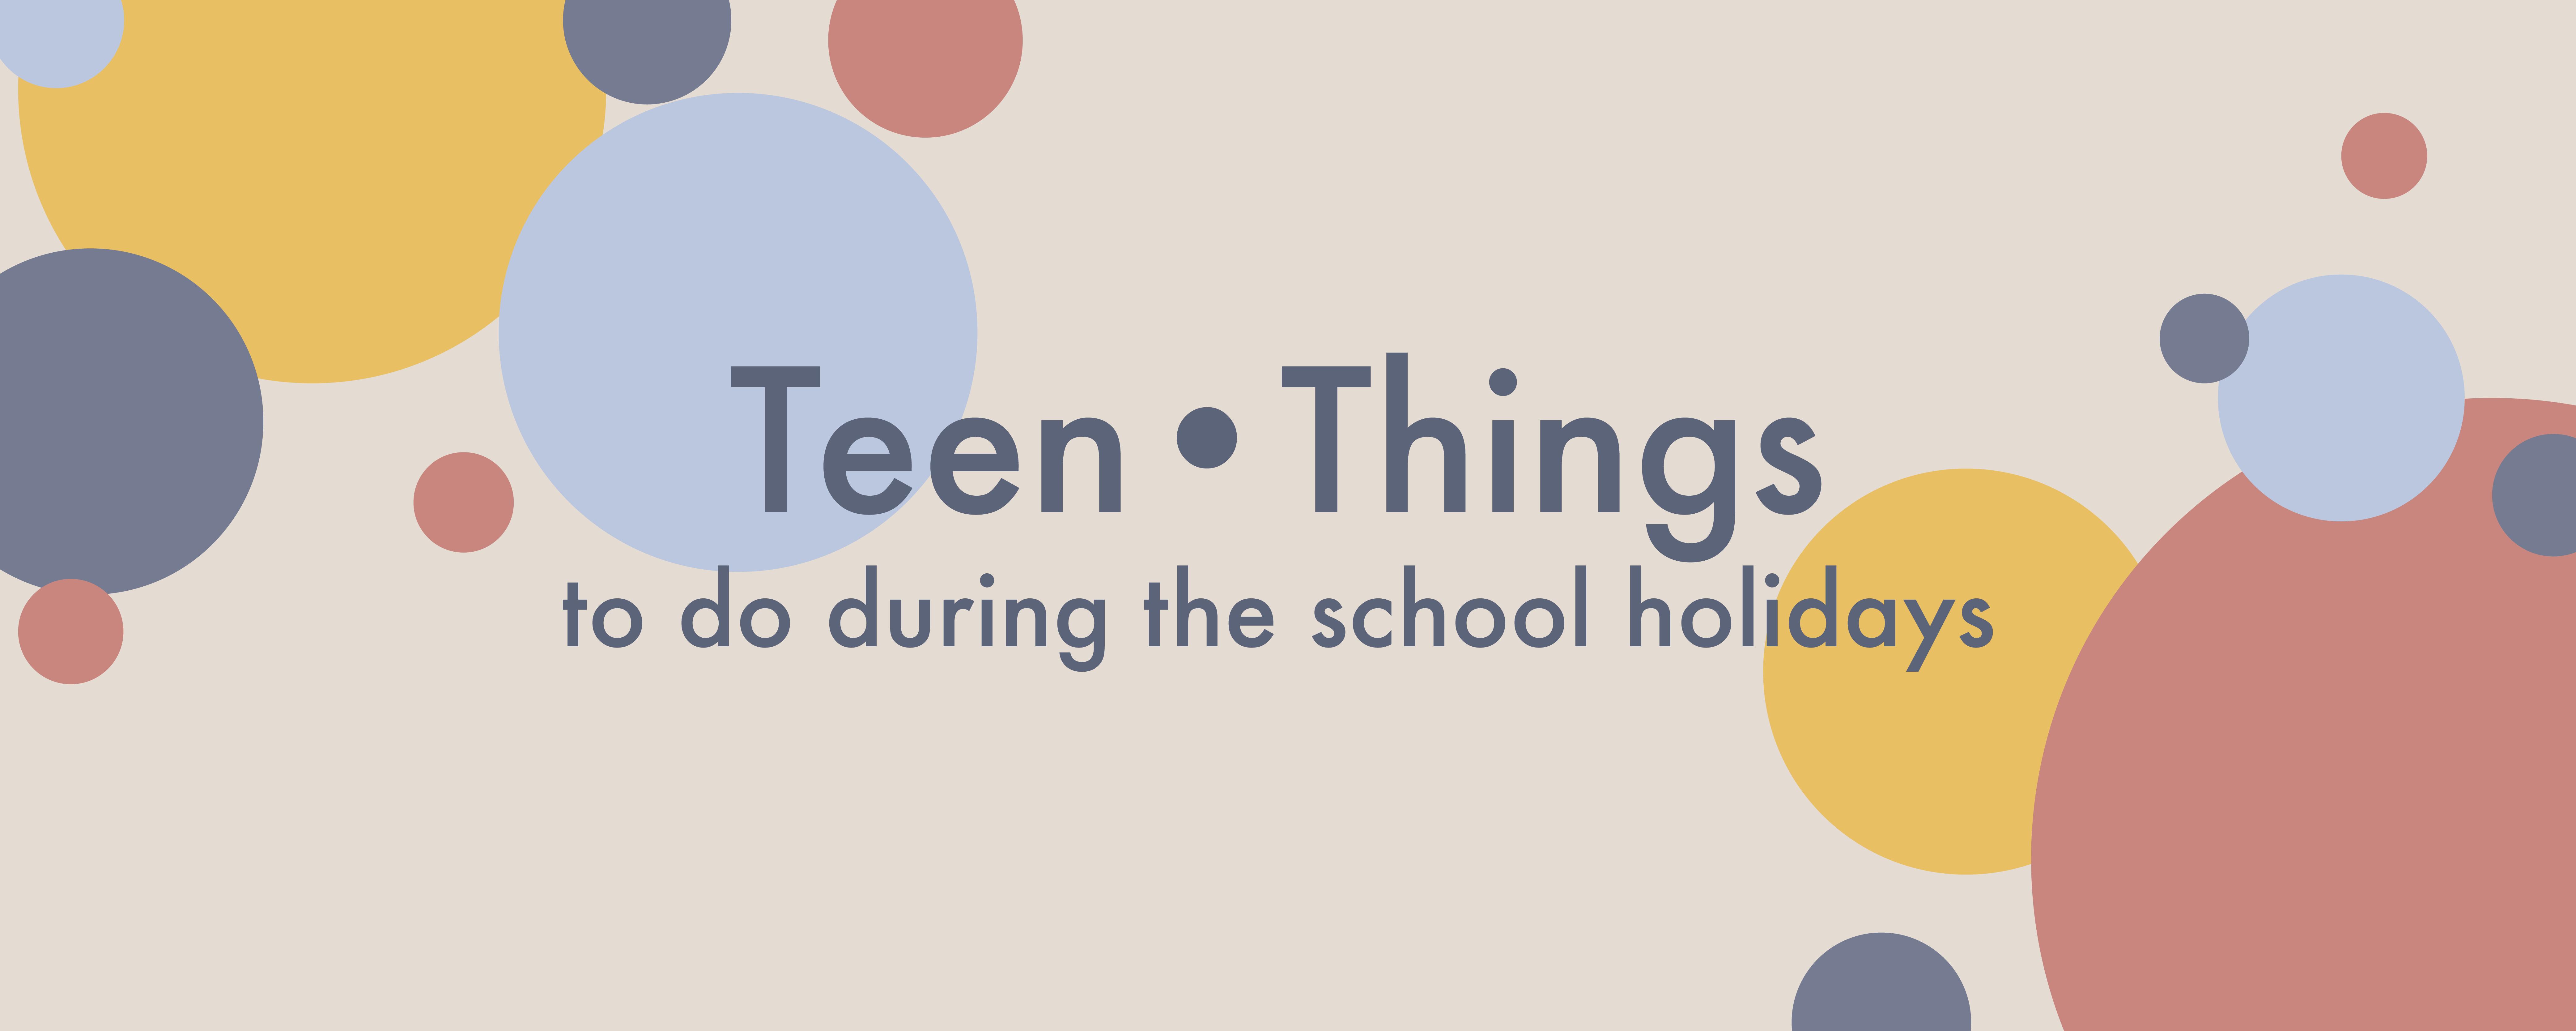 Teen Things header